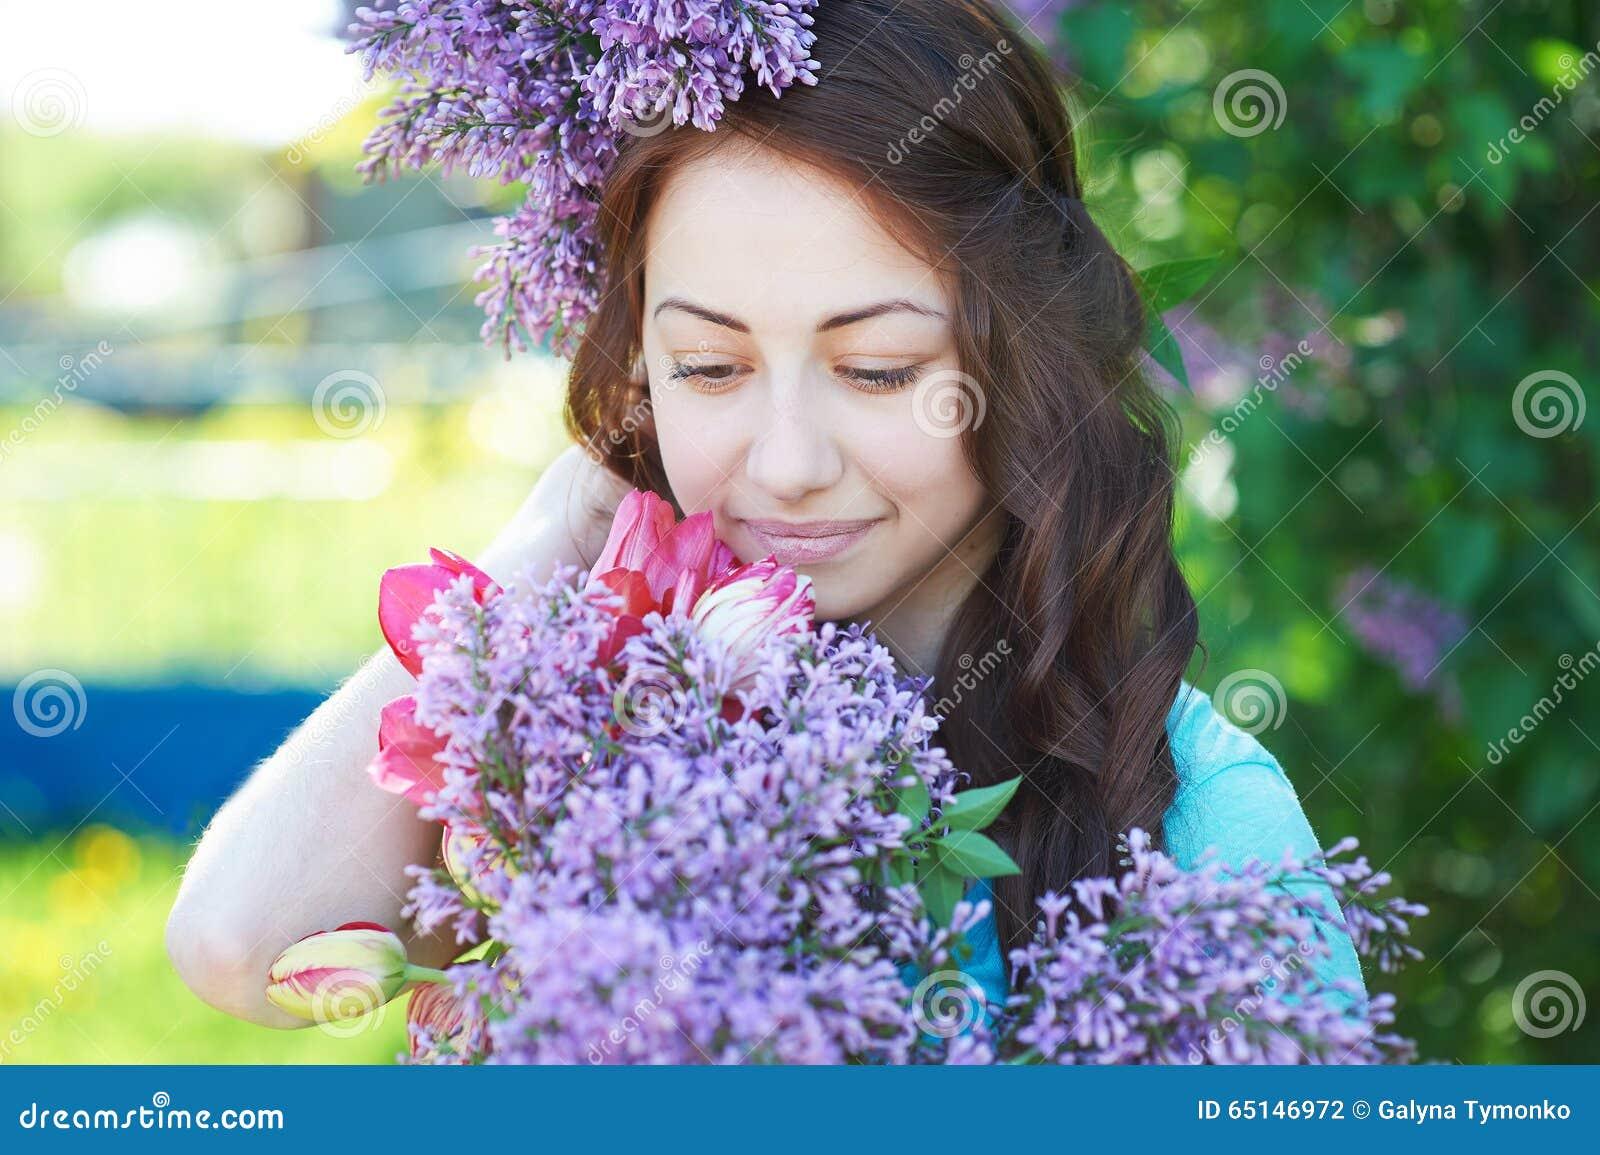 Картинки весны с девушками